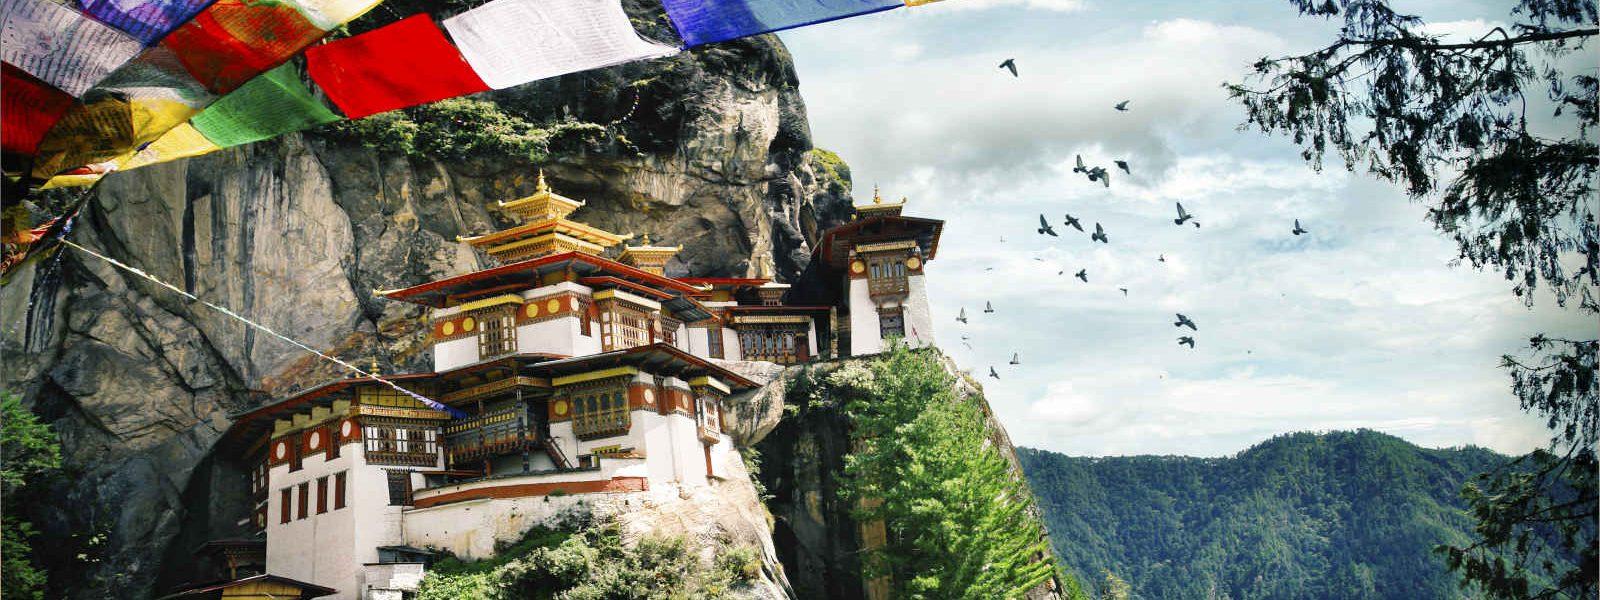 """La """"tanière du Tigre"""", Monastère de Taktshang, Paro, Bhoutan"""